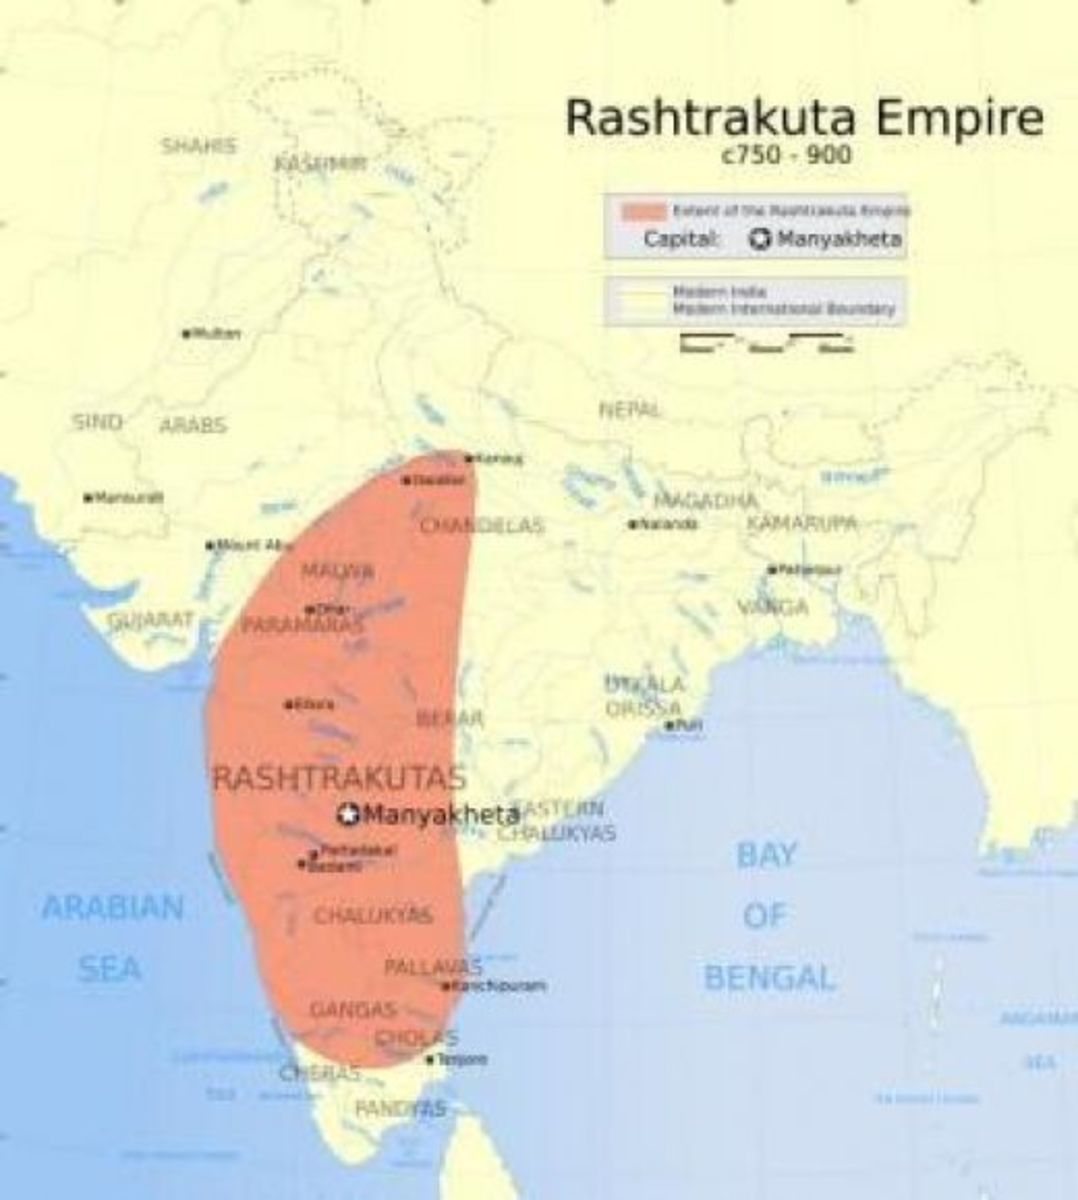 The Rashtrakuta Dynasty